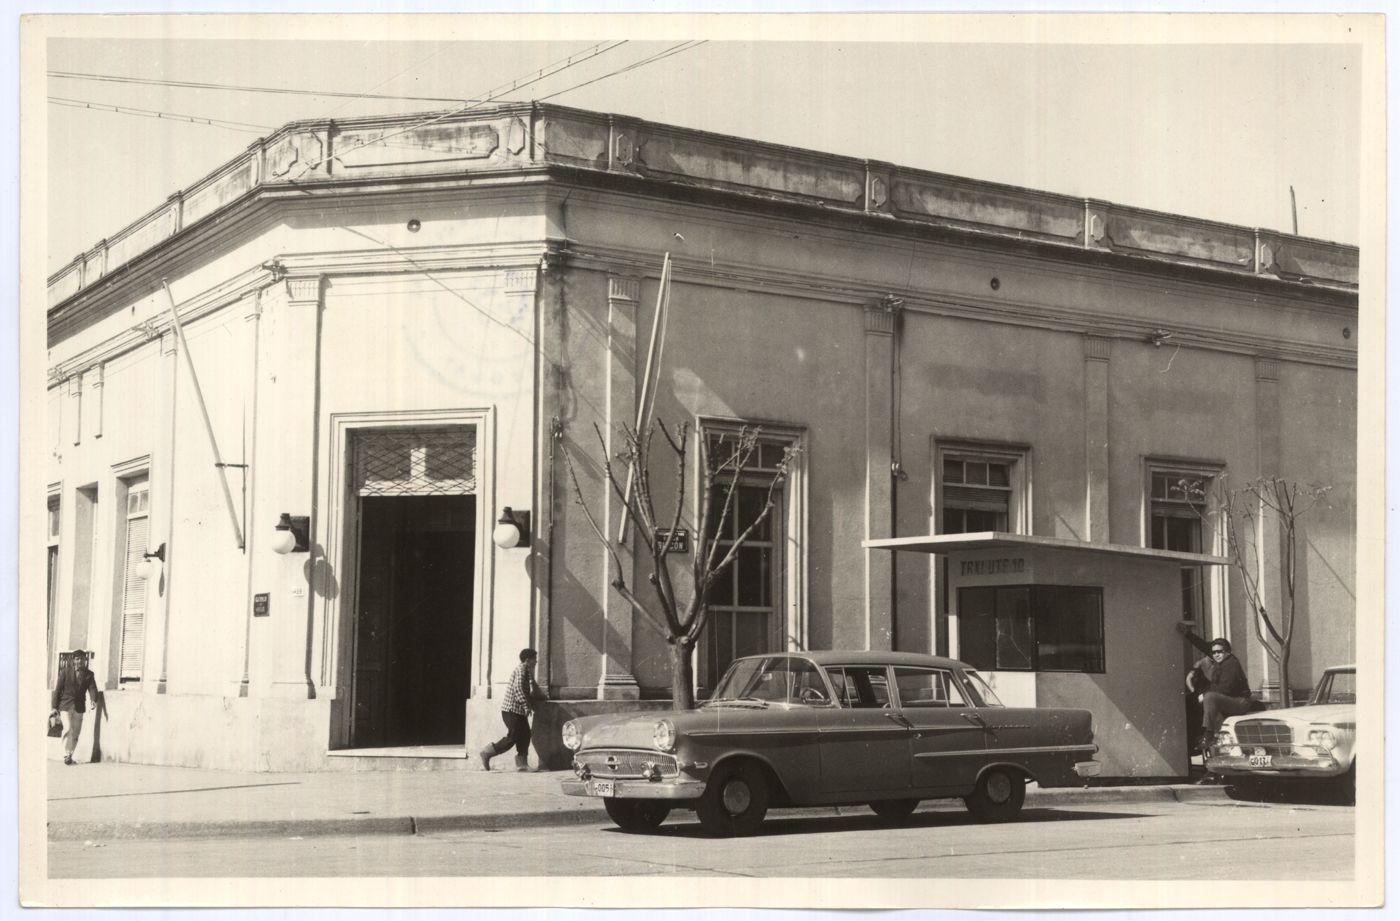 Uruguay_Artigas_Caja Popular de Artigas_1967